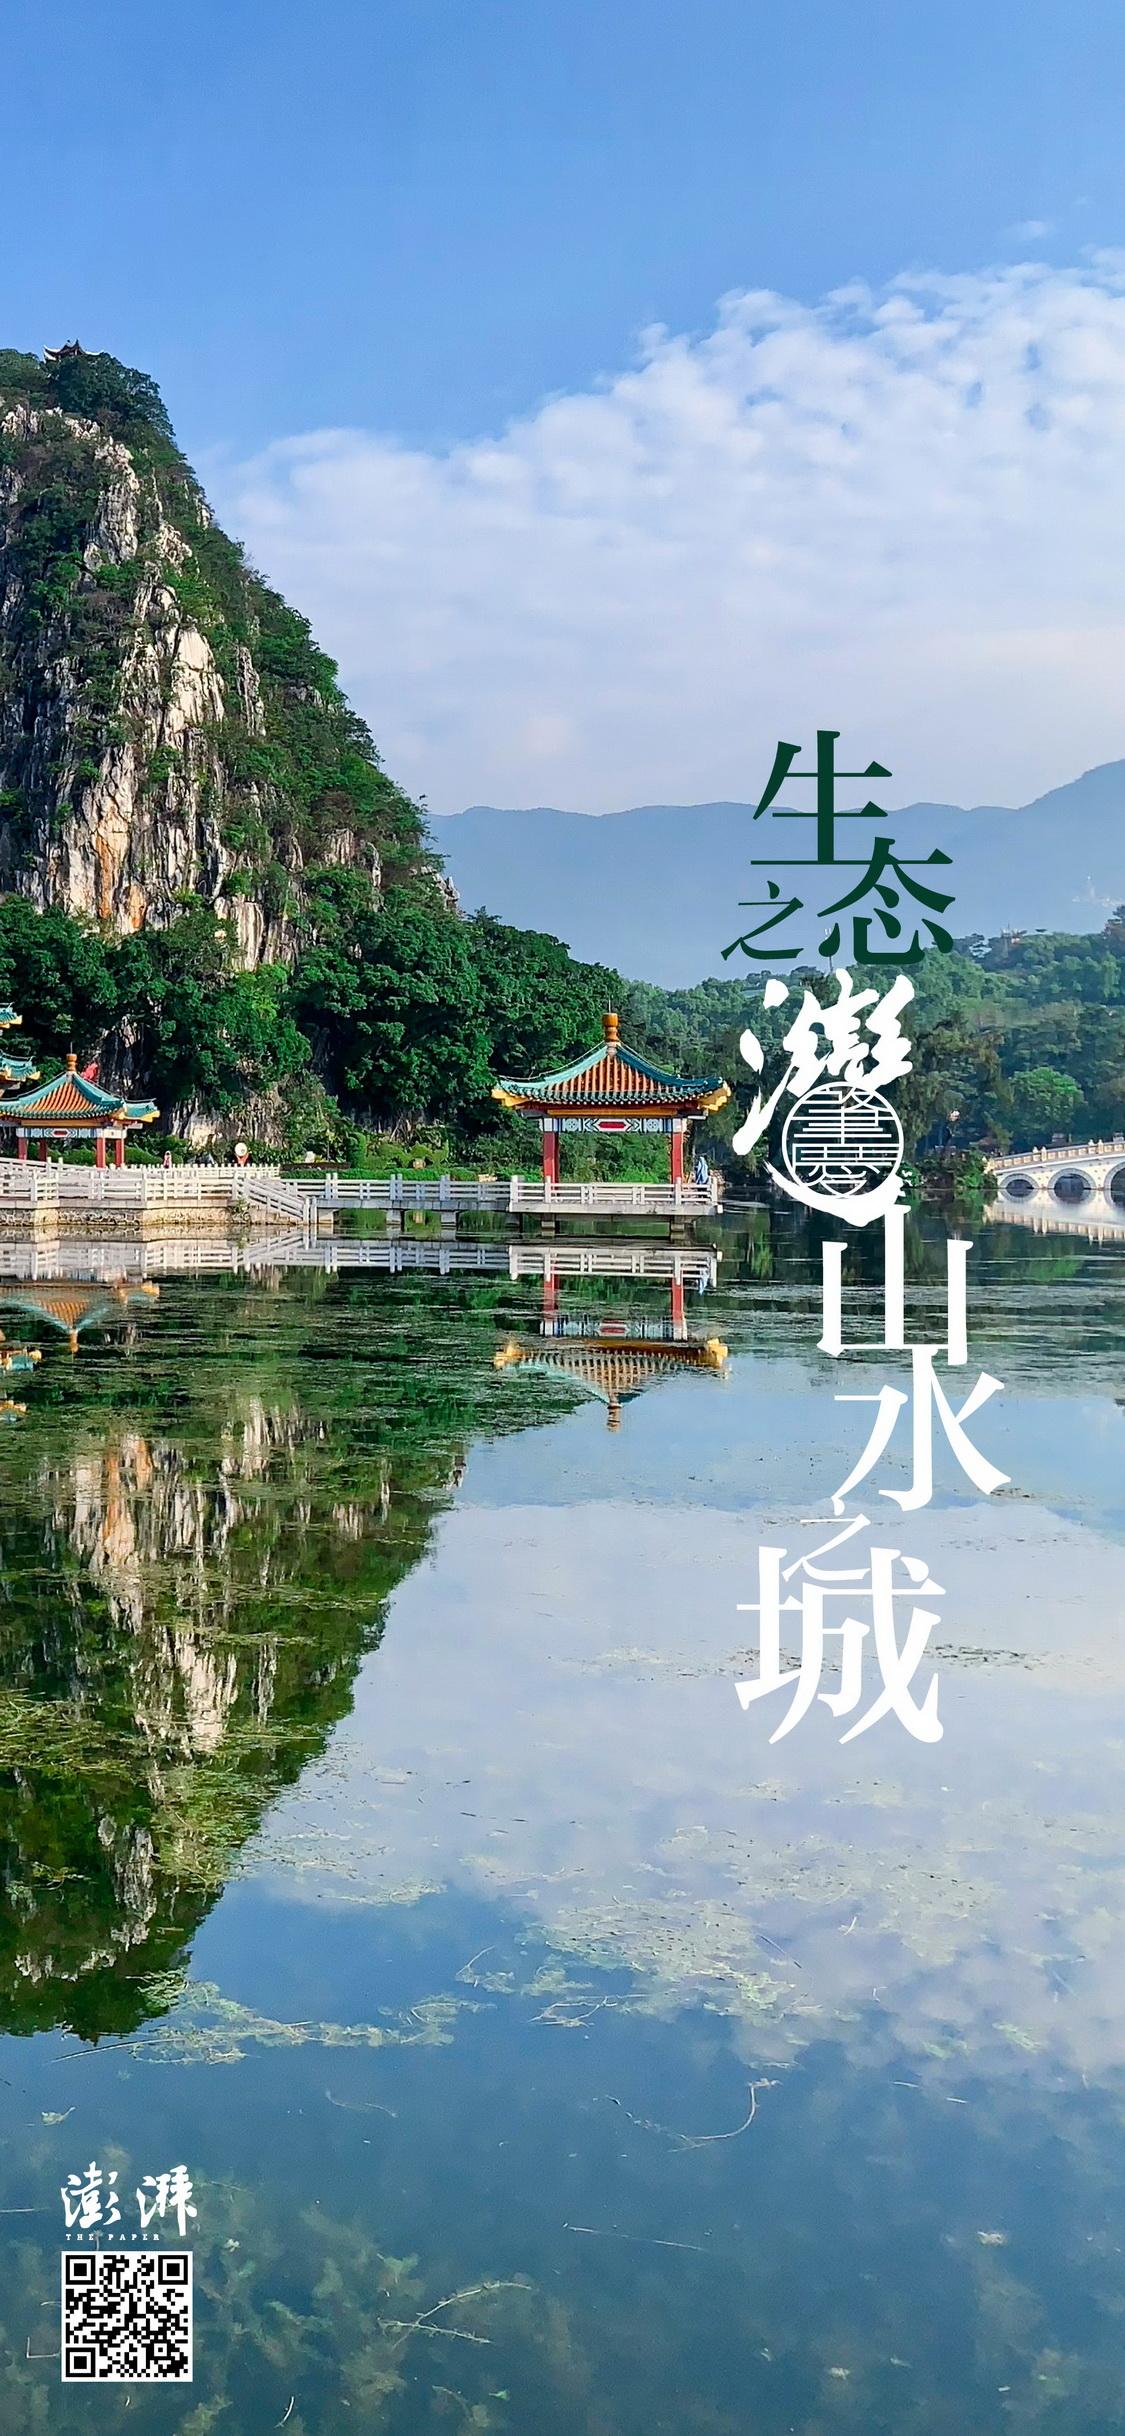 肇庆:生态之湾,山水之城